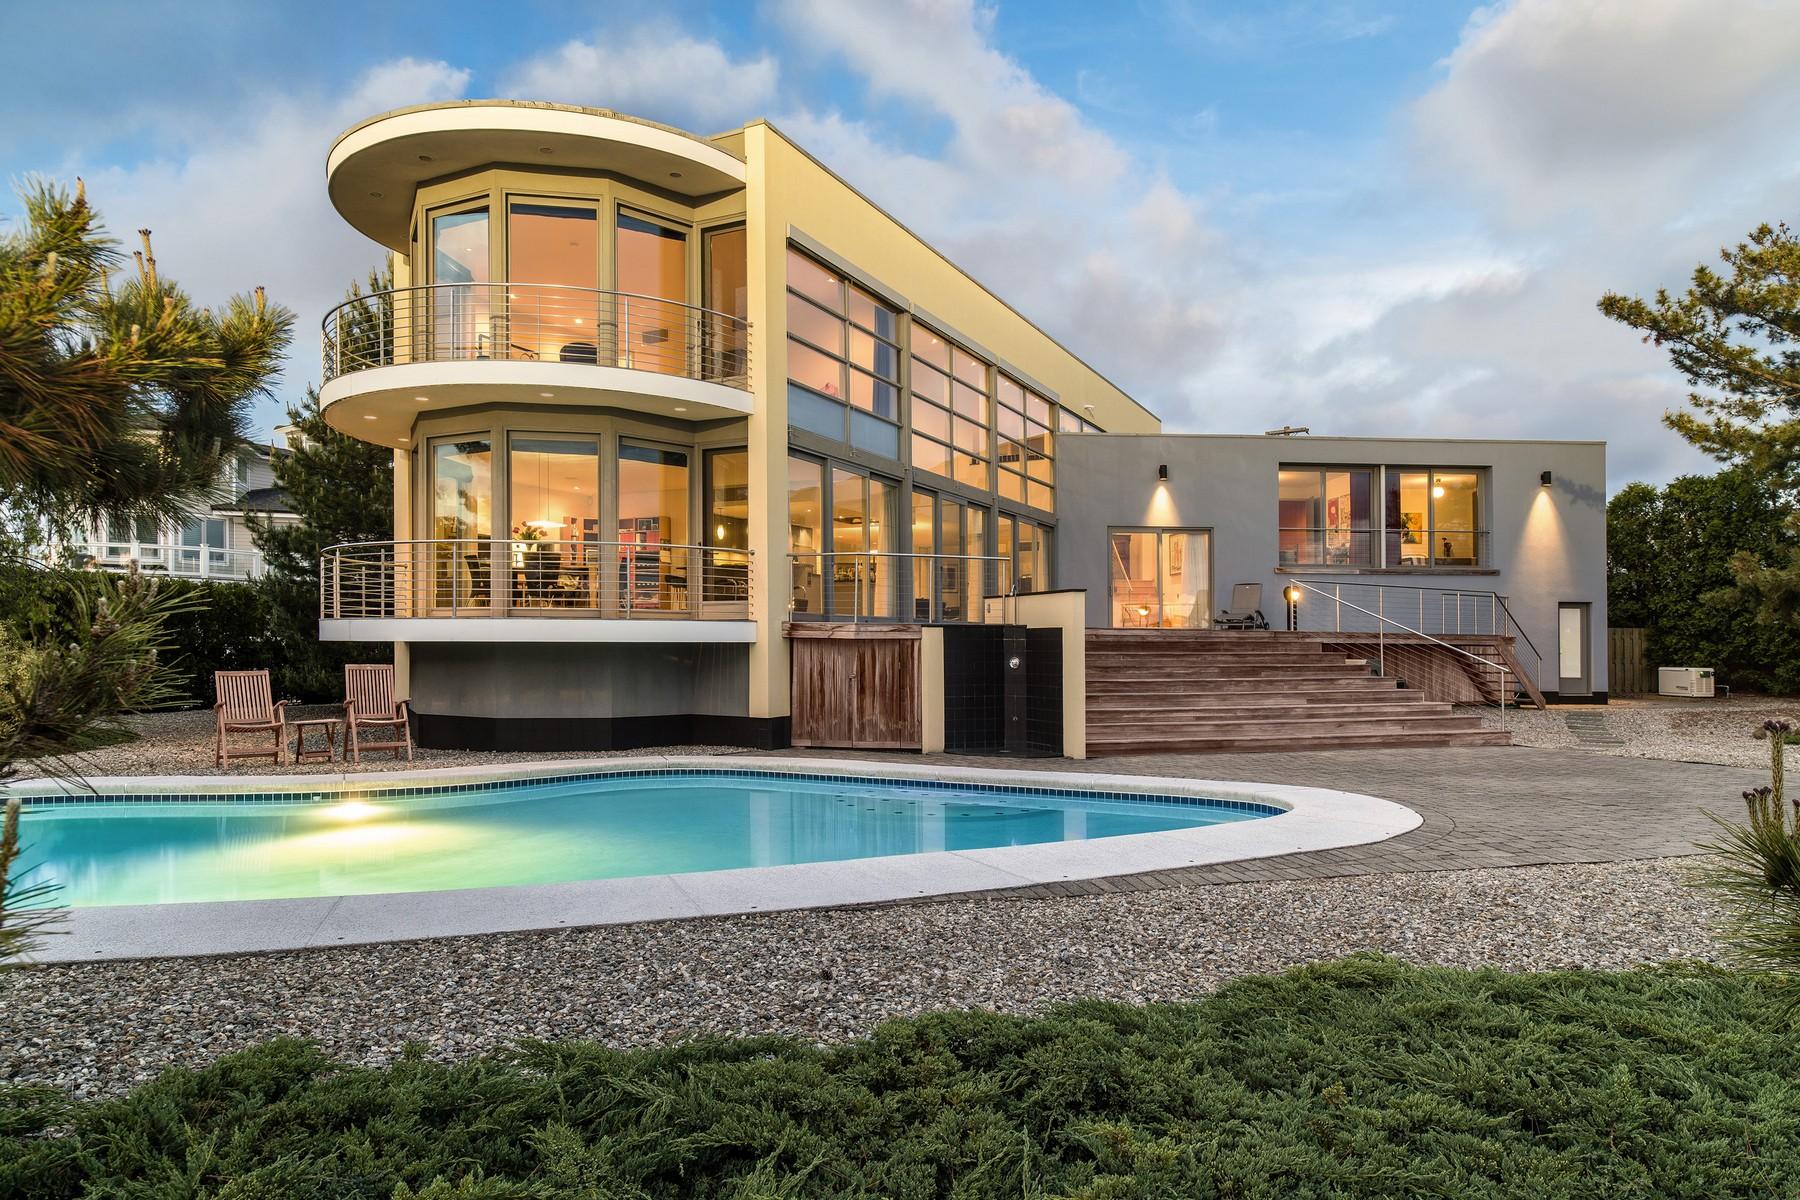 Casa Unifamiliar por un Venta en A Magical Waterfront Location 56 Captains Dr Westbrook, Connecticut 06498 Estados Unidos